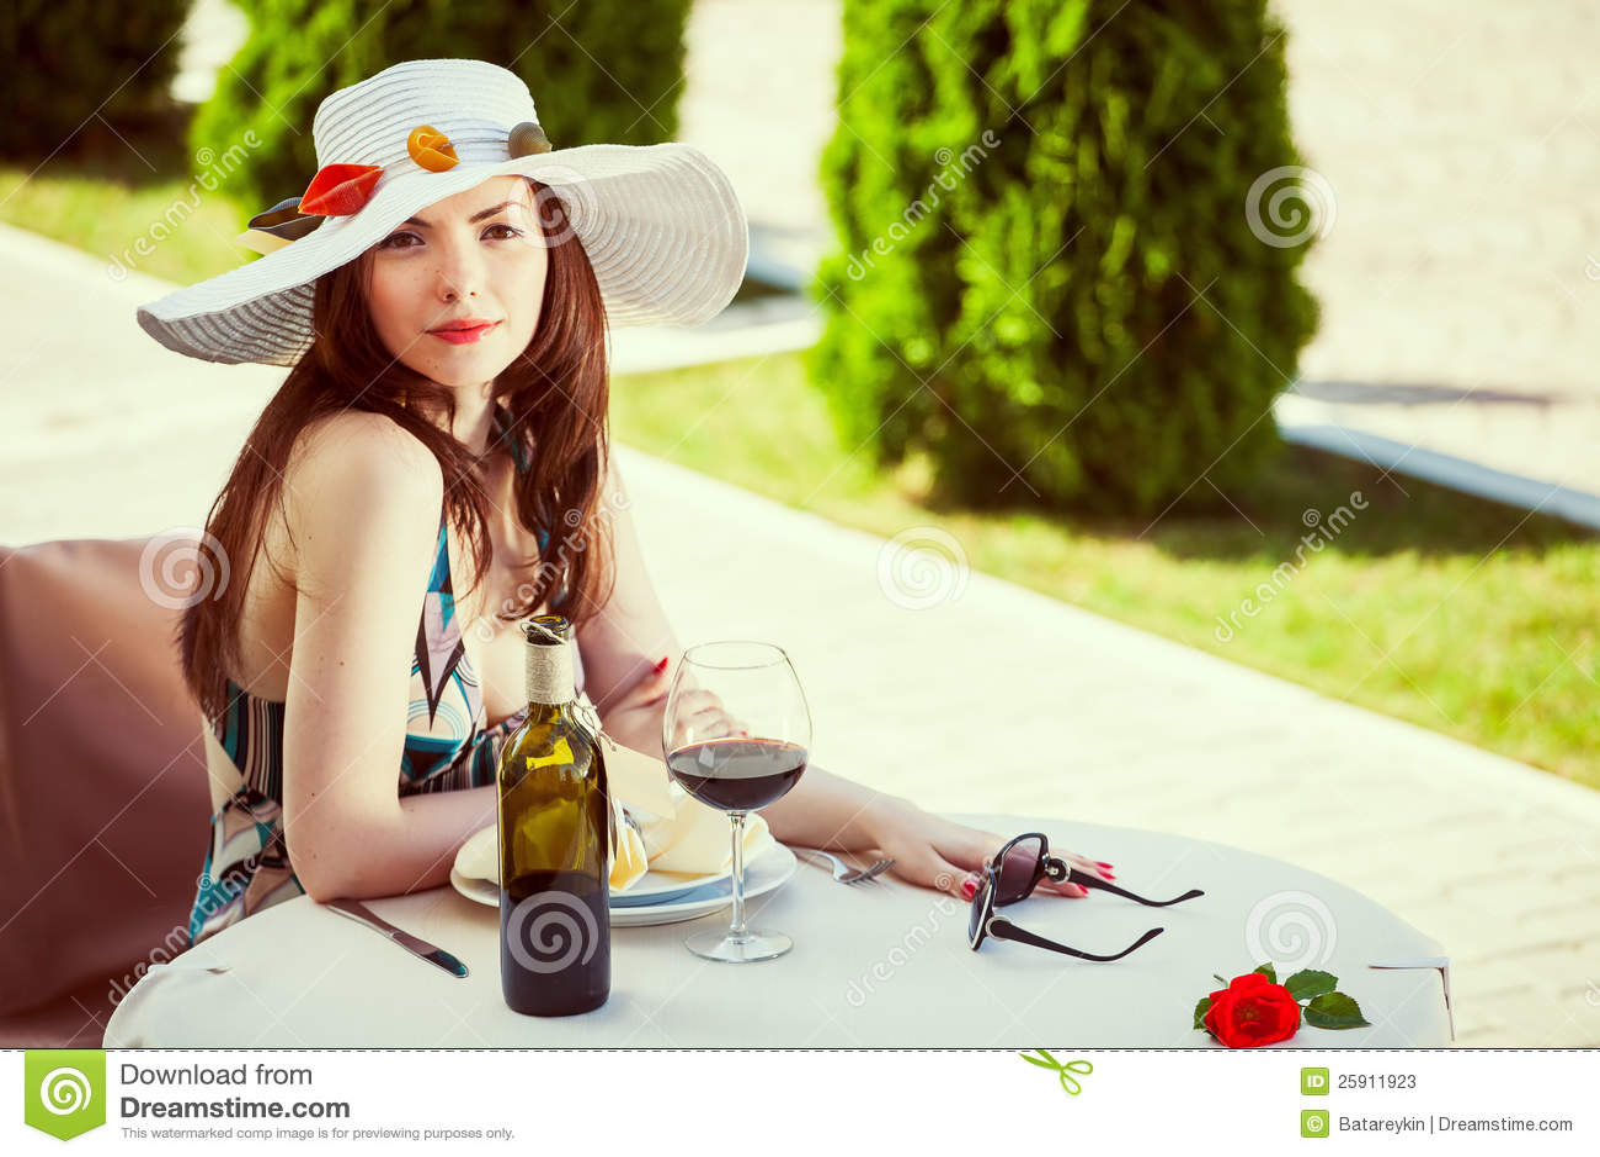 Mujer En Un Sombrero Adornado Con Goma Imagen de archivo - Imagen de ... 079e3885b22